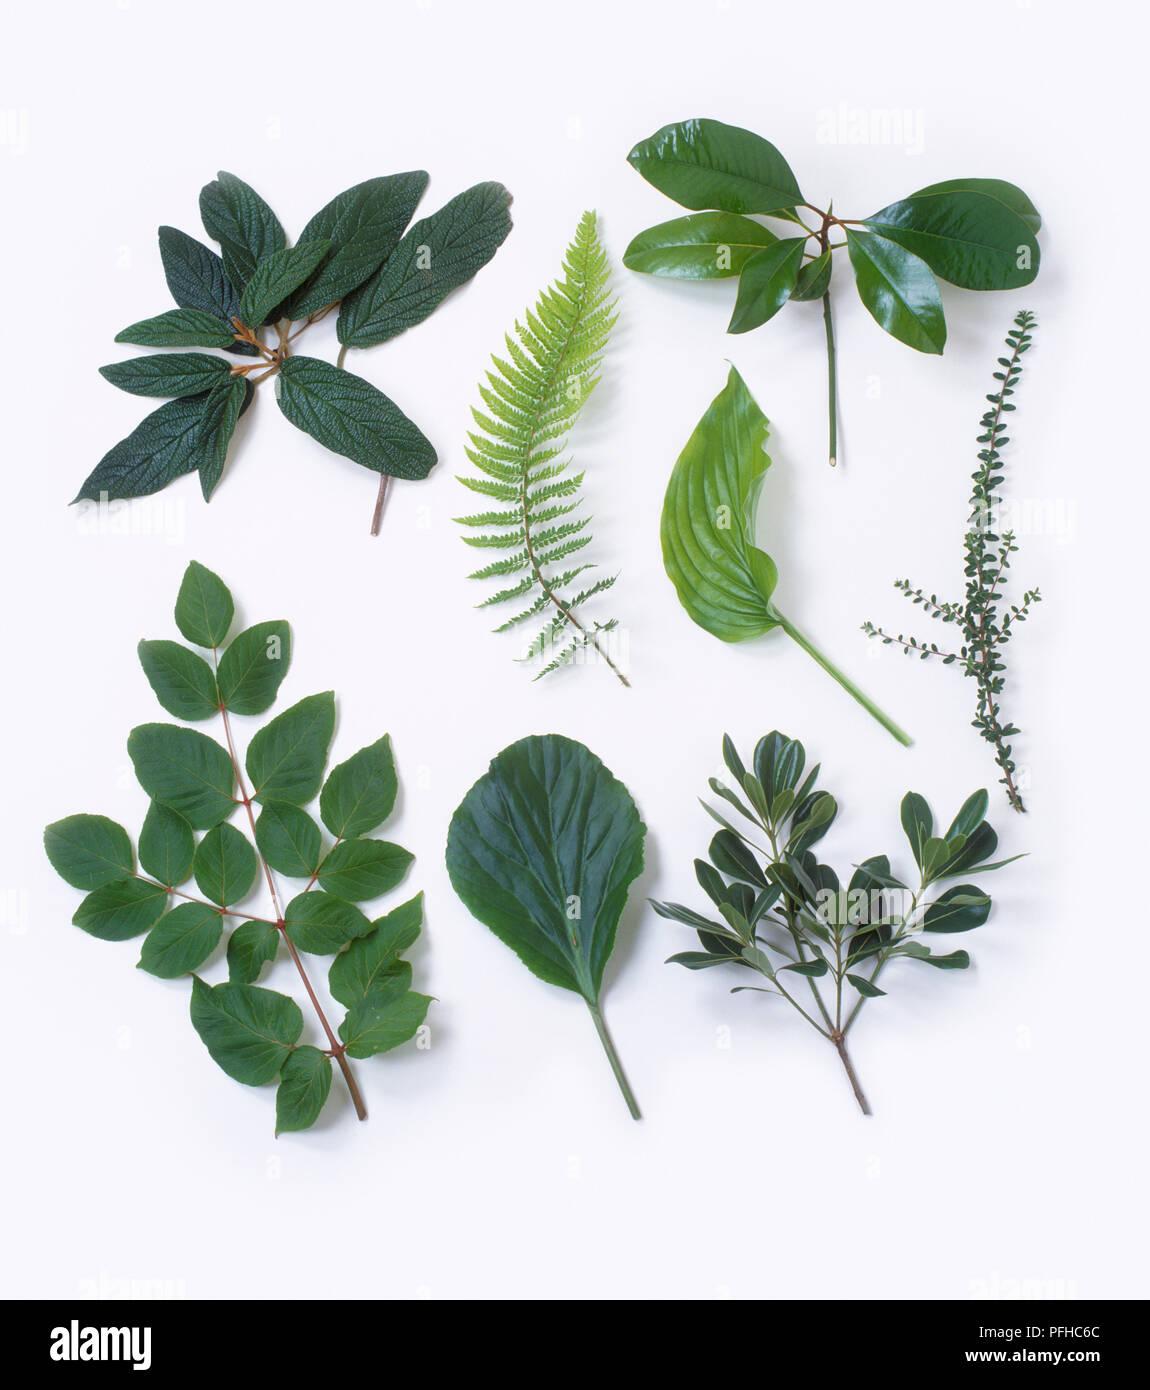 Assorted leaves, including Viburnum rhytidophyllum, Polystichum setiferum, Magnolia grandiflora, Hosta, Cotoneaster horizontalis, Aralia chinensis, Bergenia, Pittosporum tobira - Stock Image